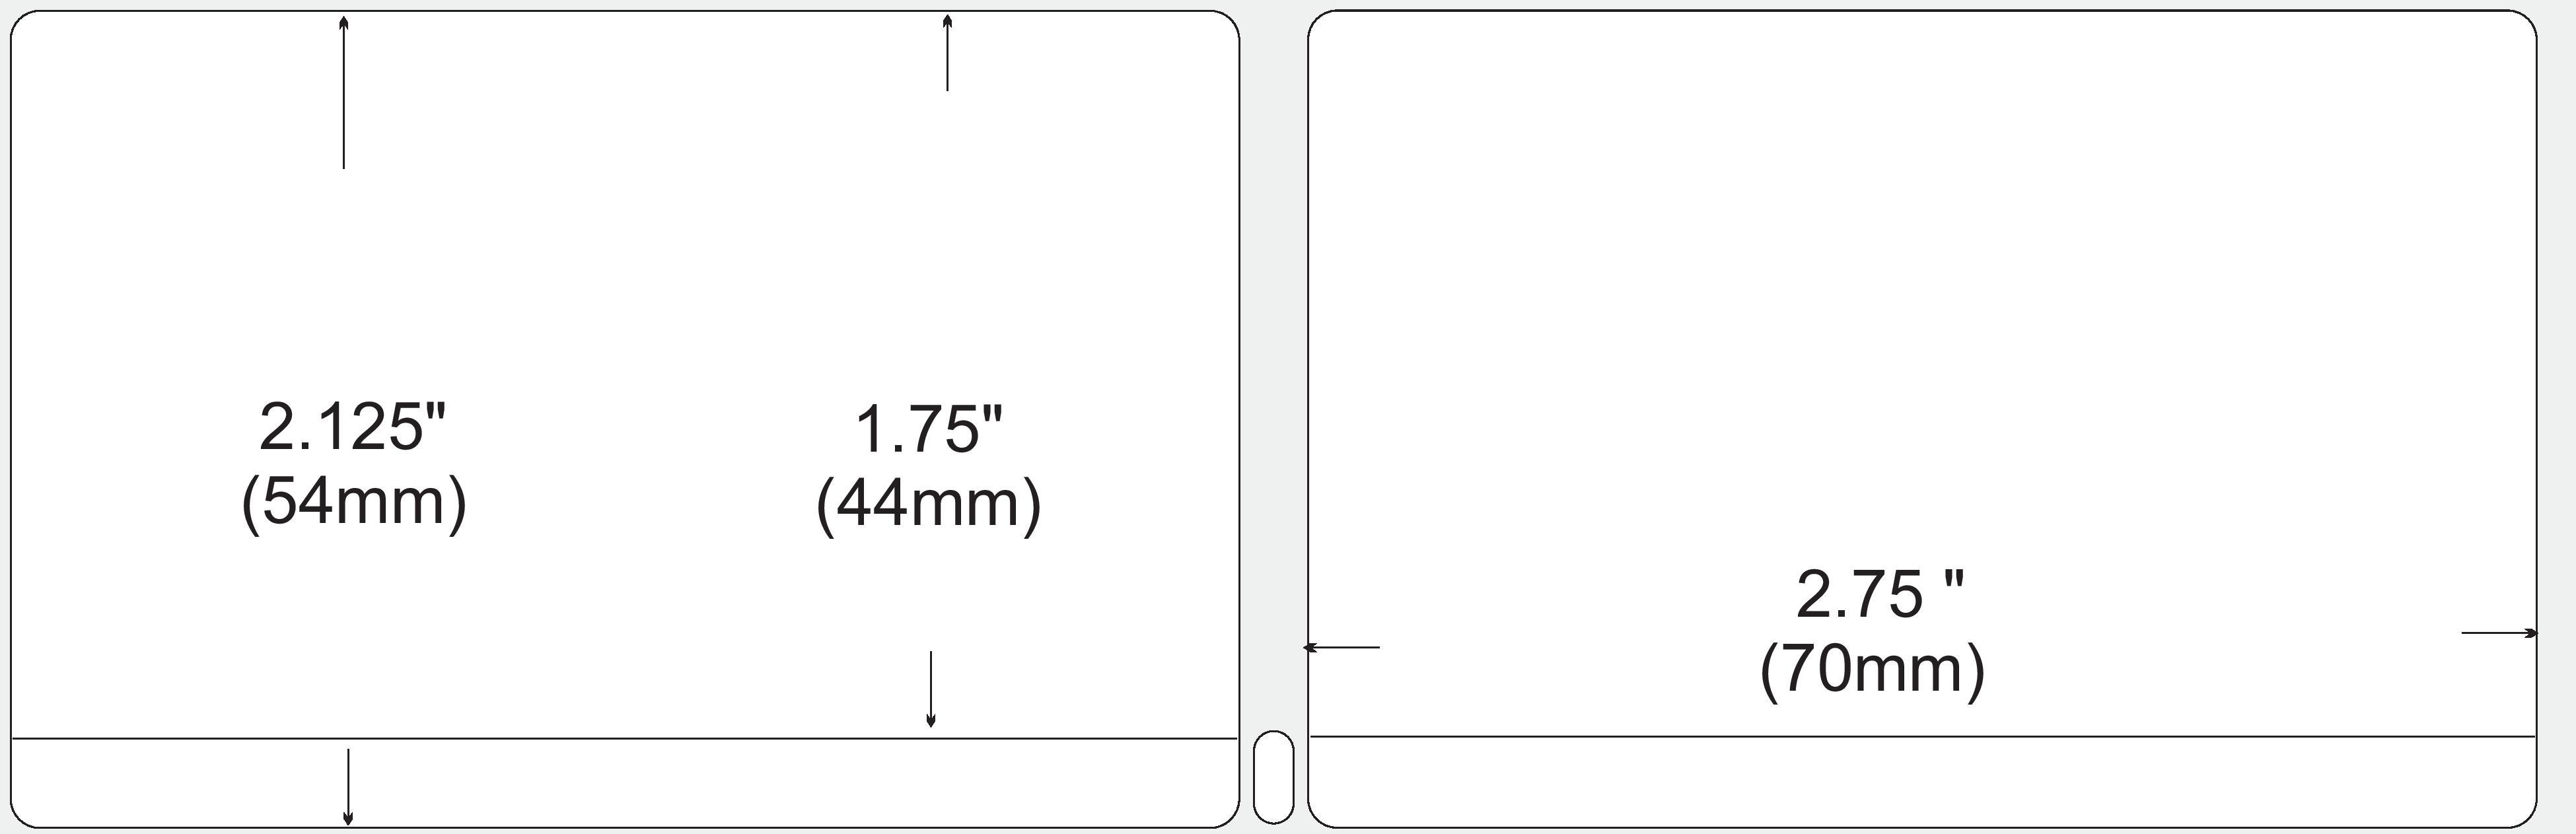 W-30258B-page-001